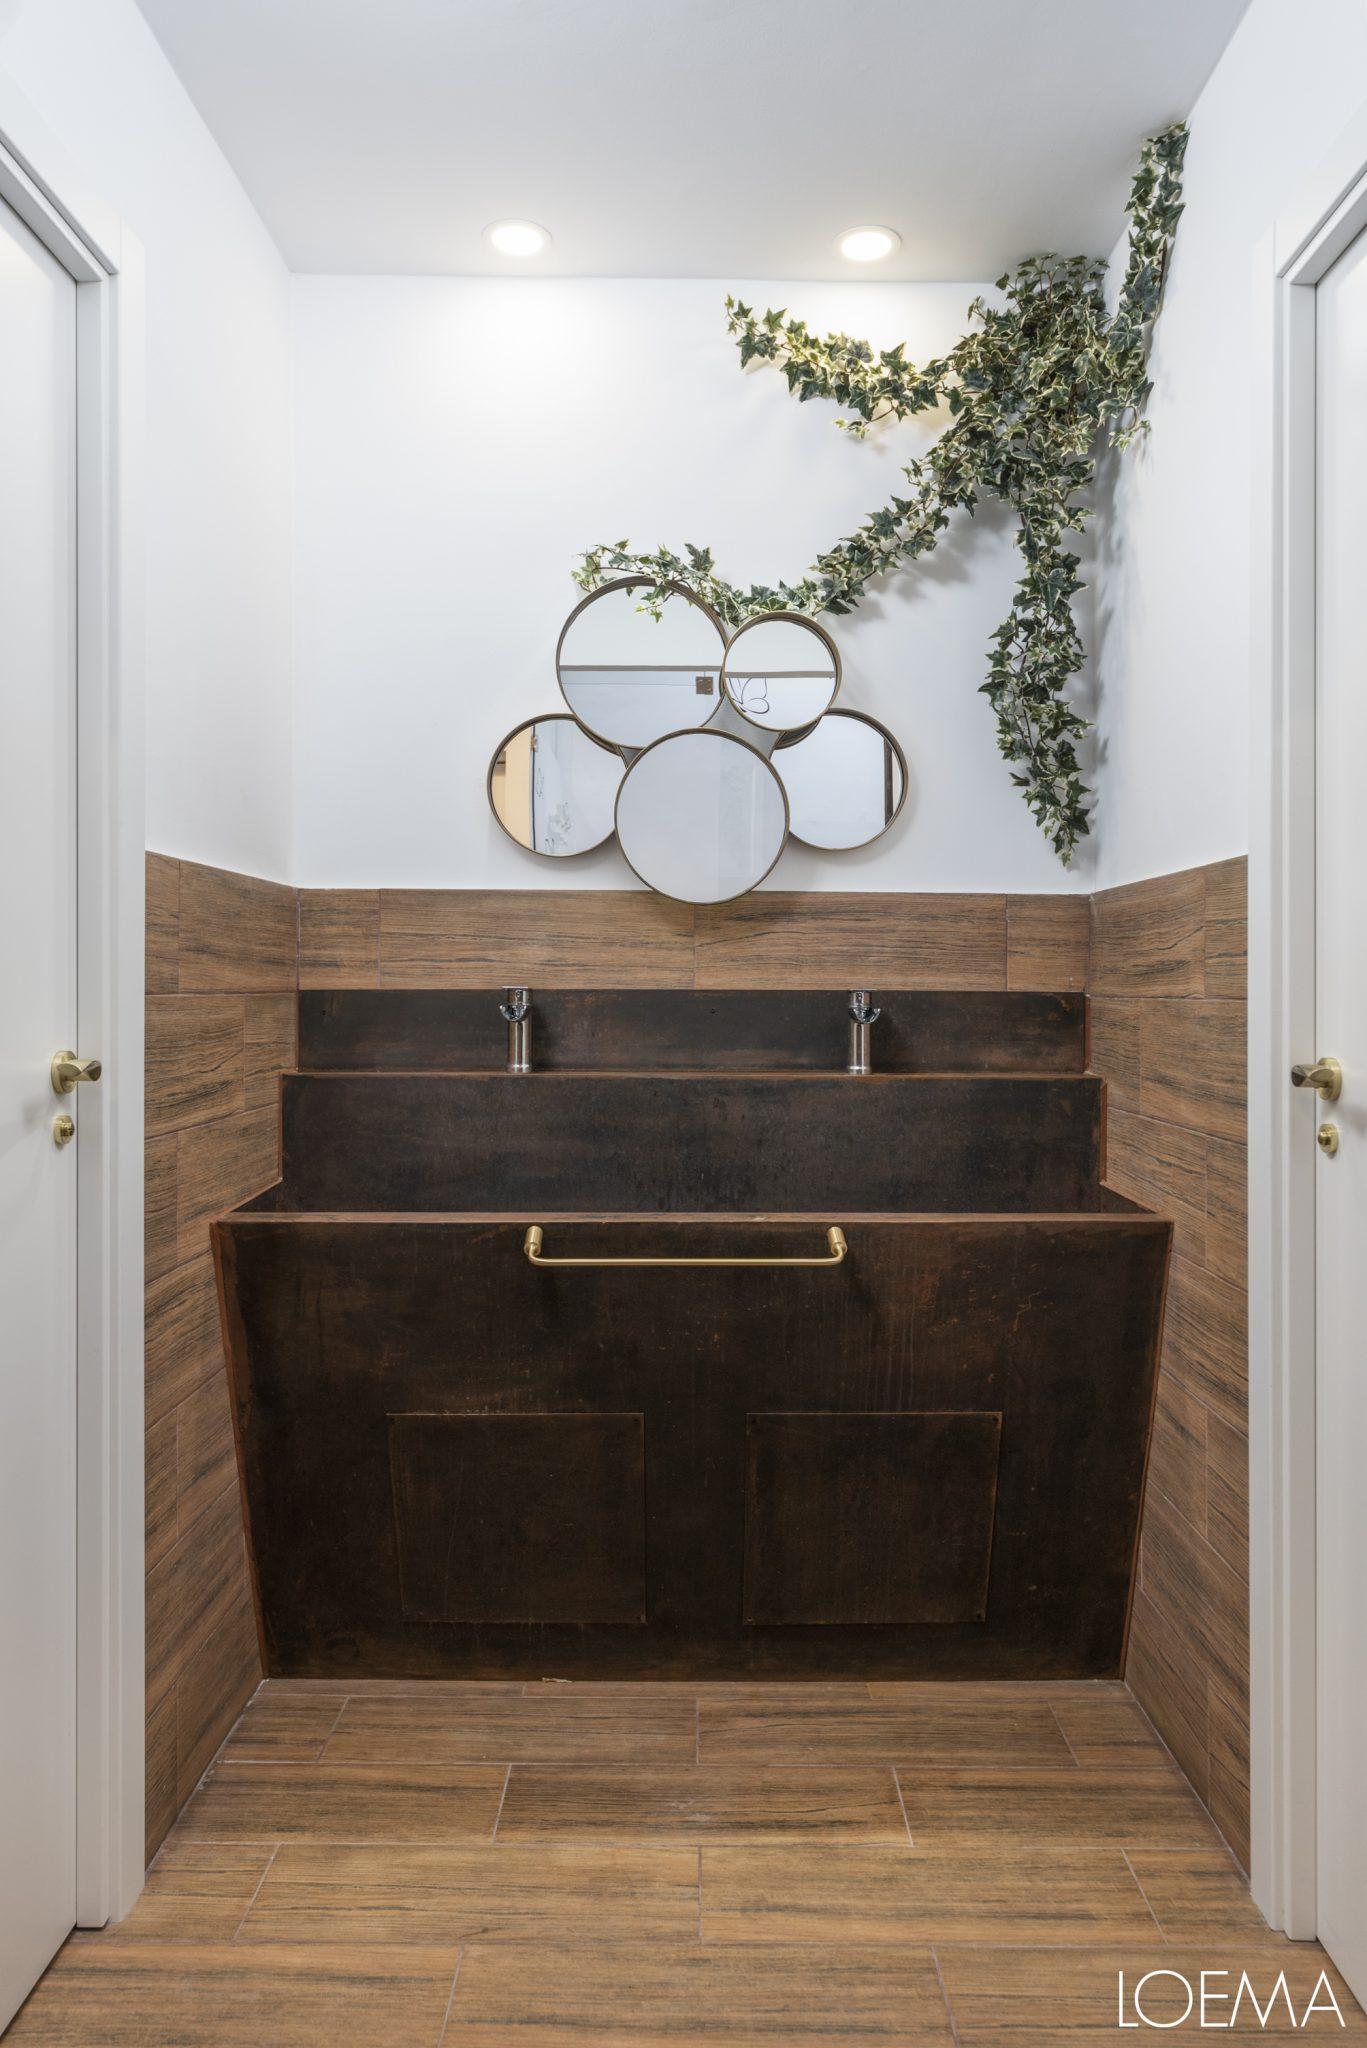 Reforma de baño | Decoración con plantas